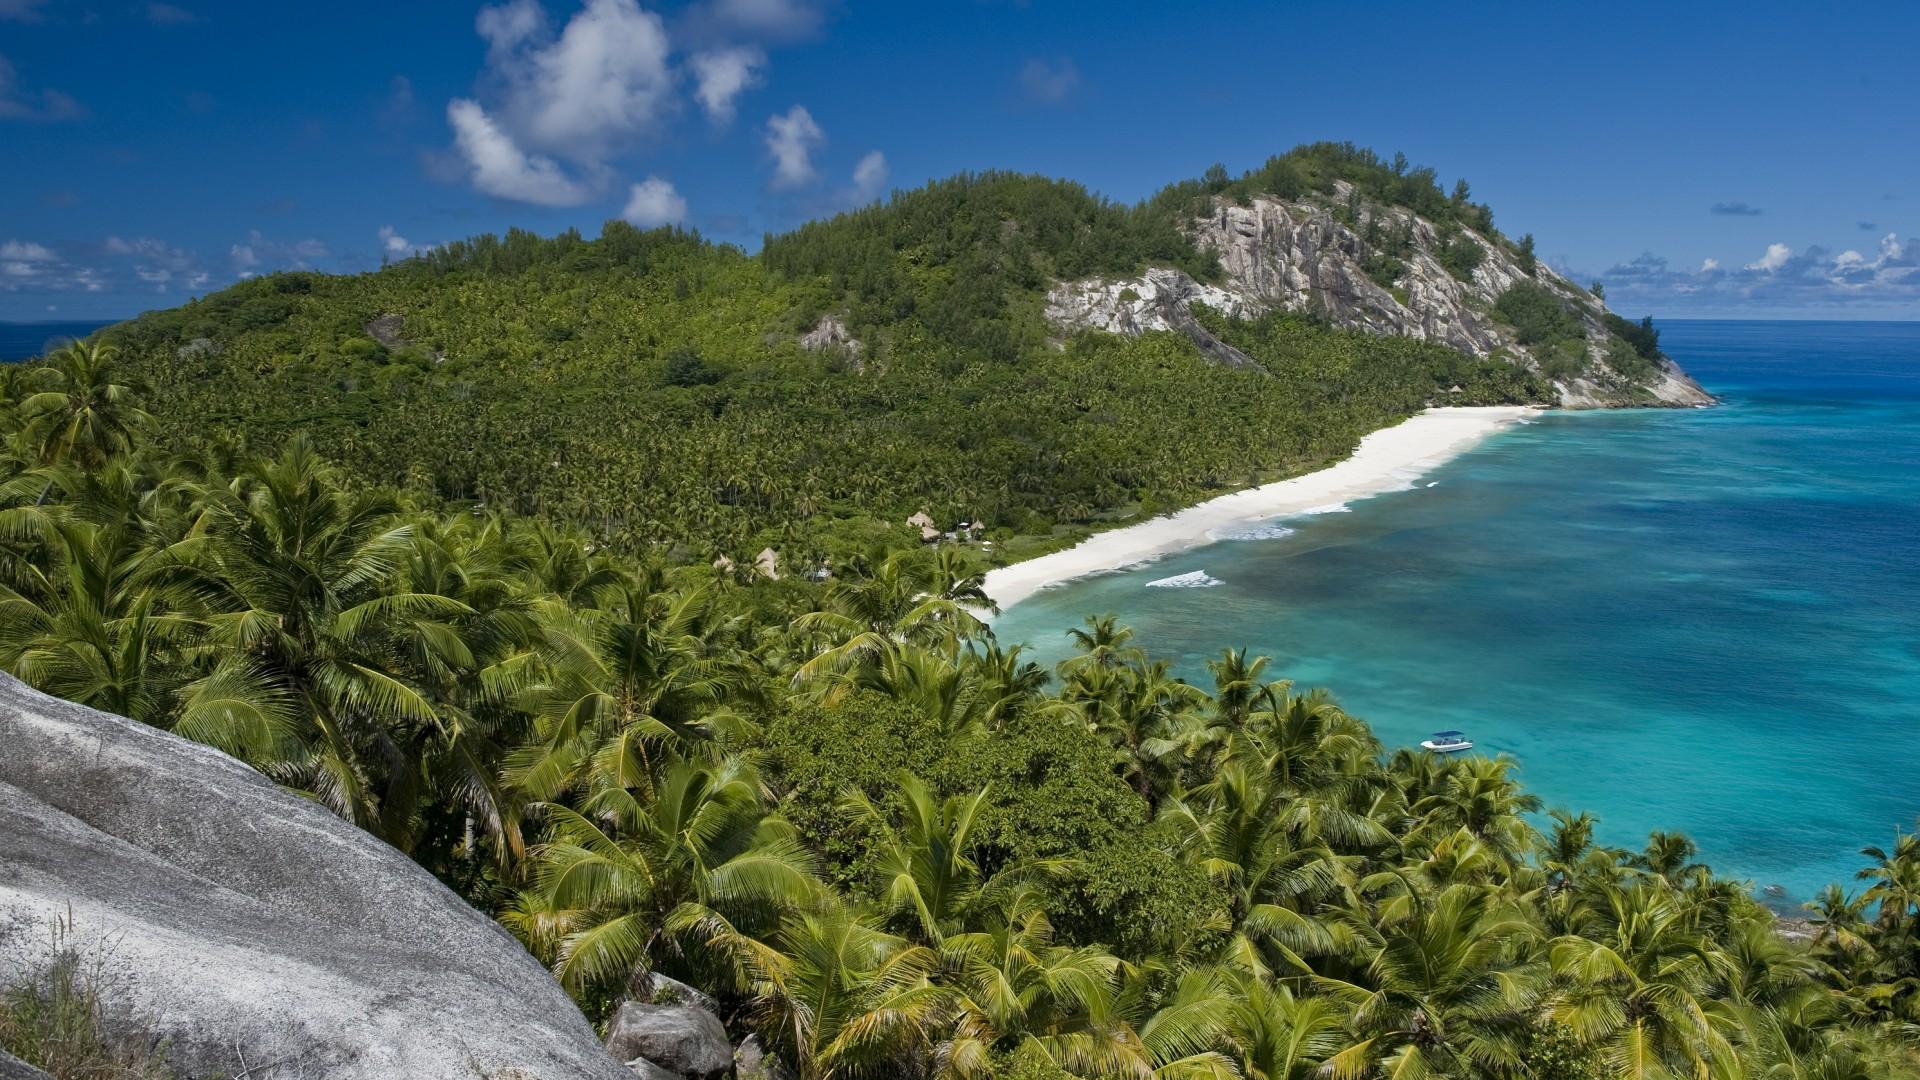 потолок фото сейшельских островов на рабочий стол каждого